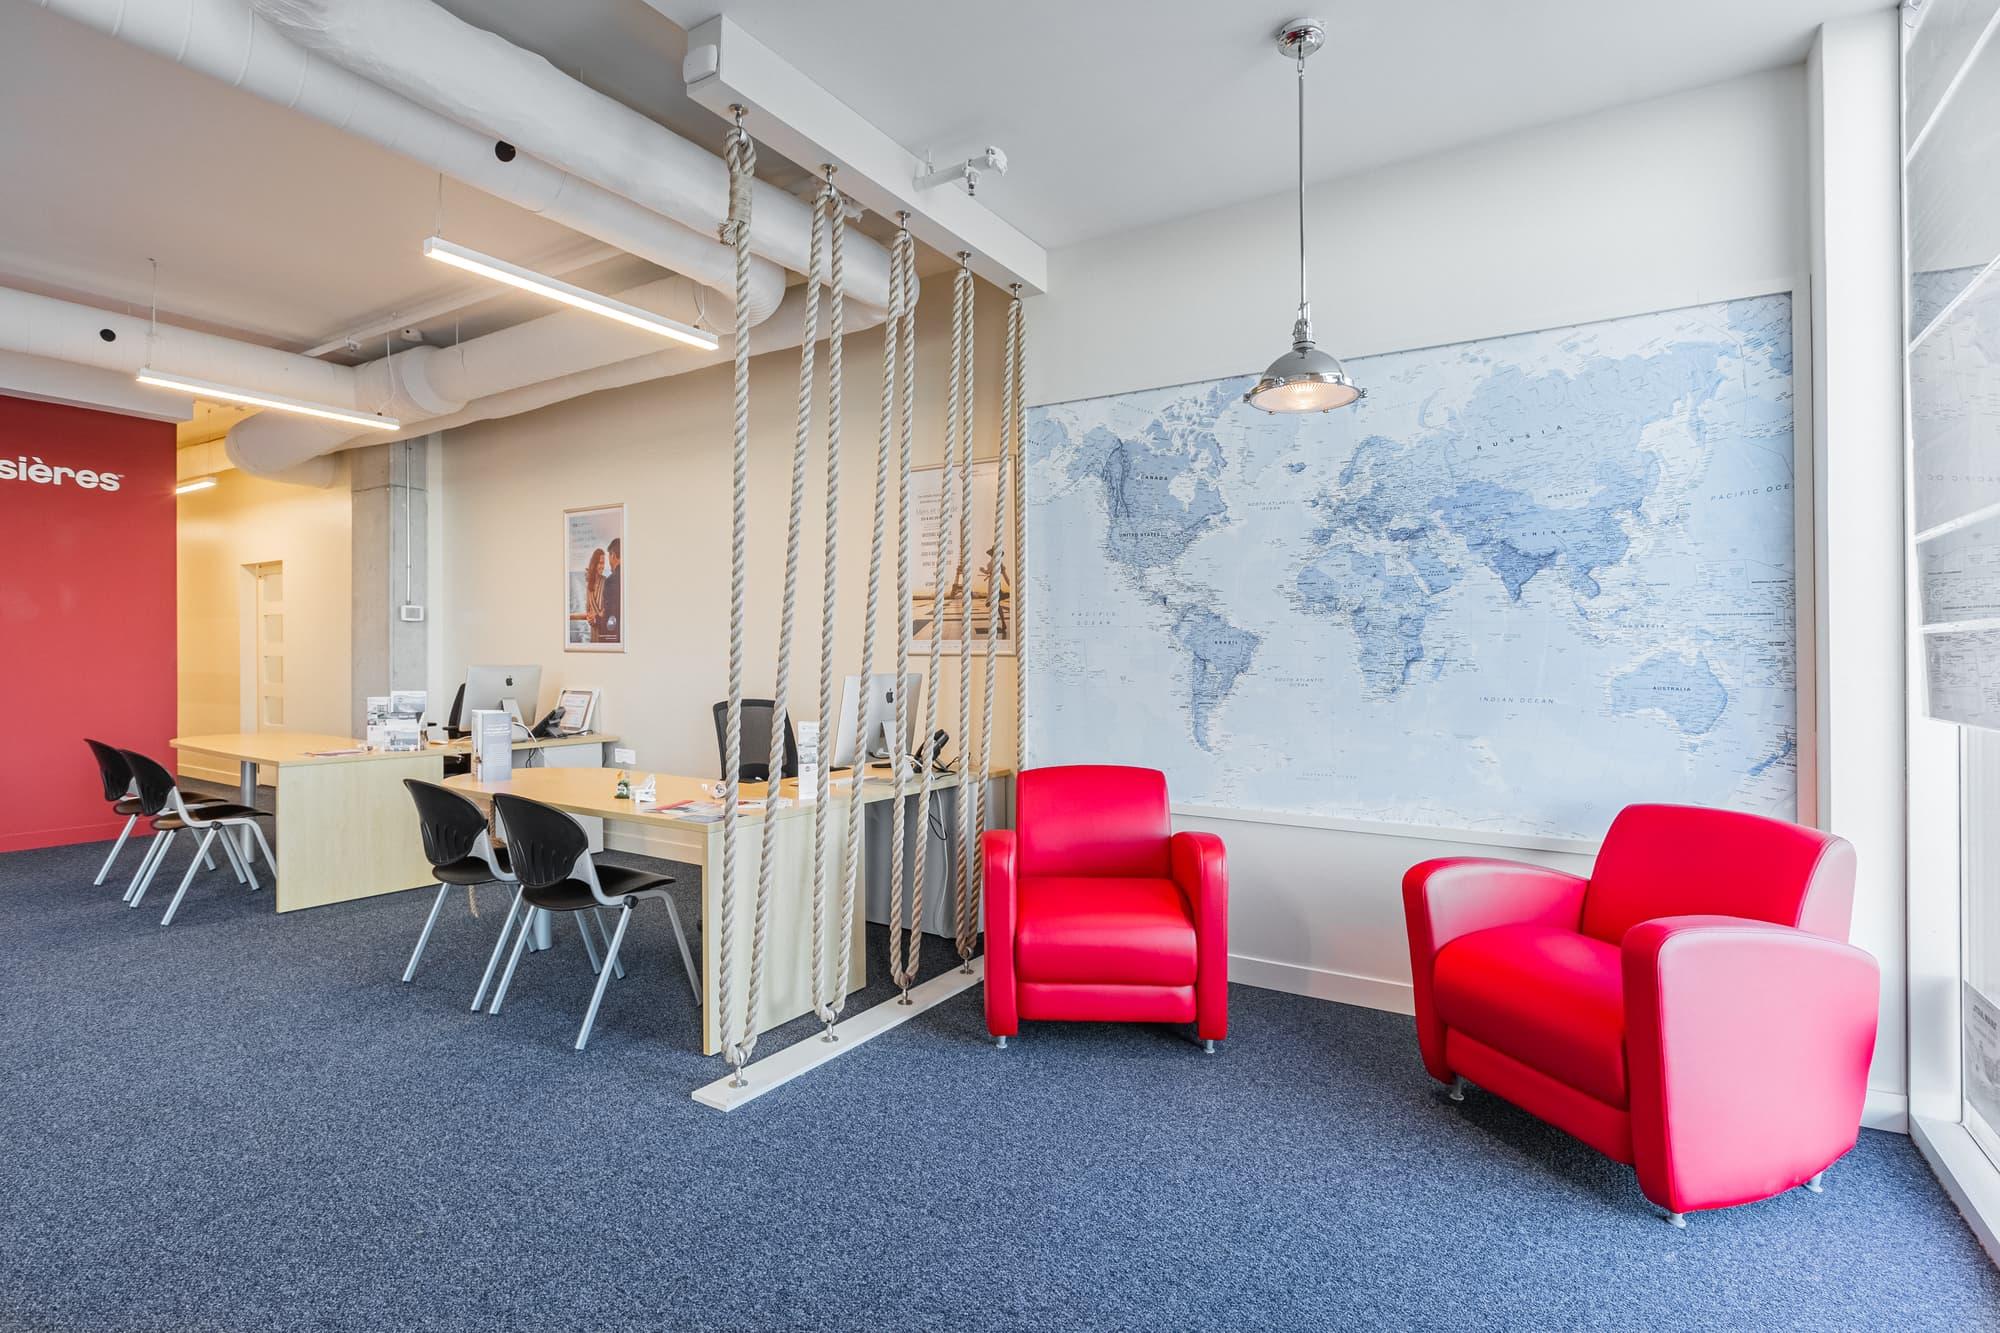 aménagement bureaux avec mur de cordes, carte du monde géante et fauteuils rouges